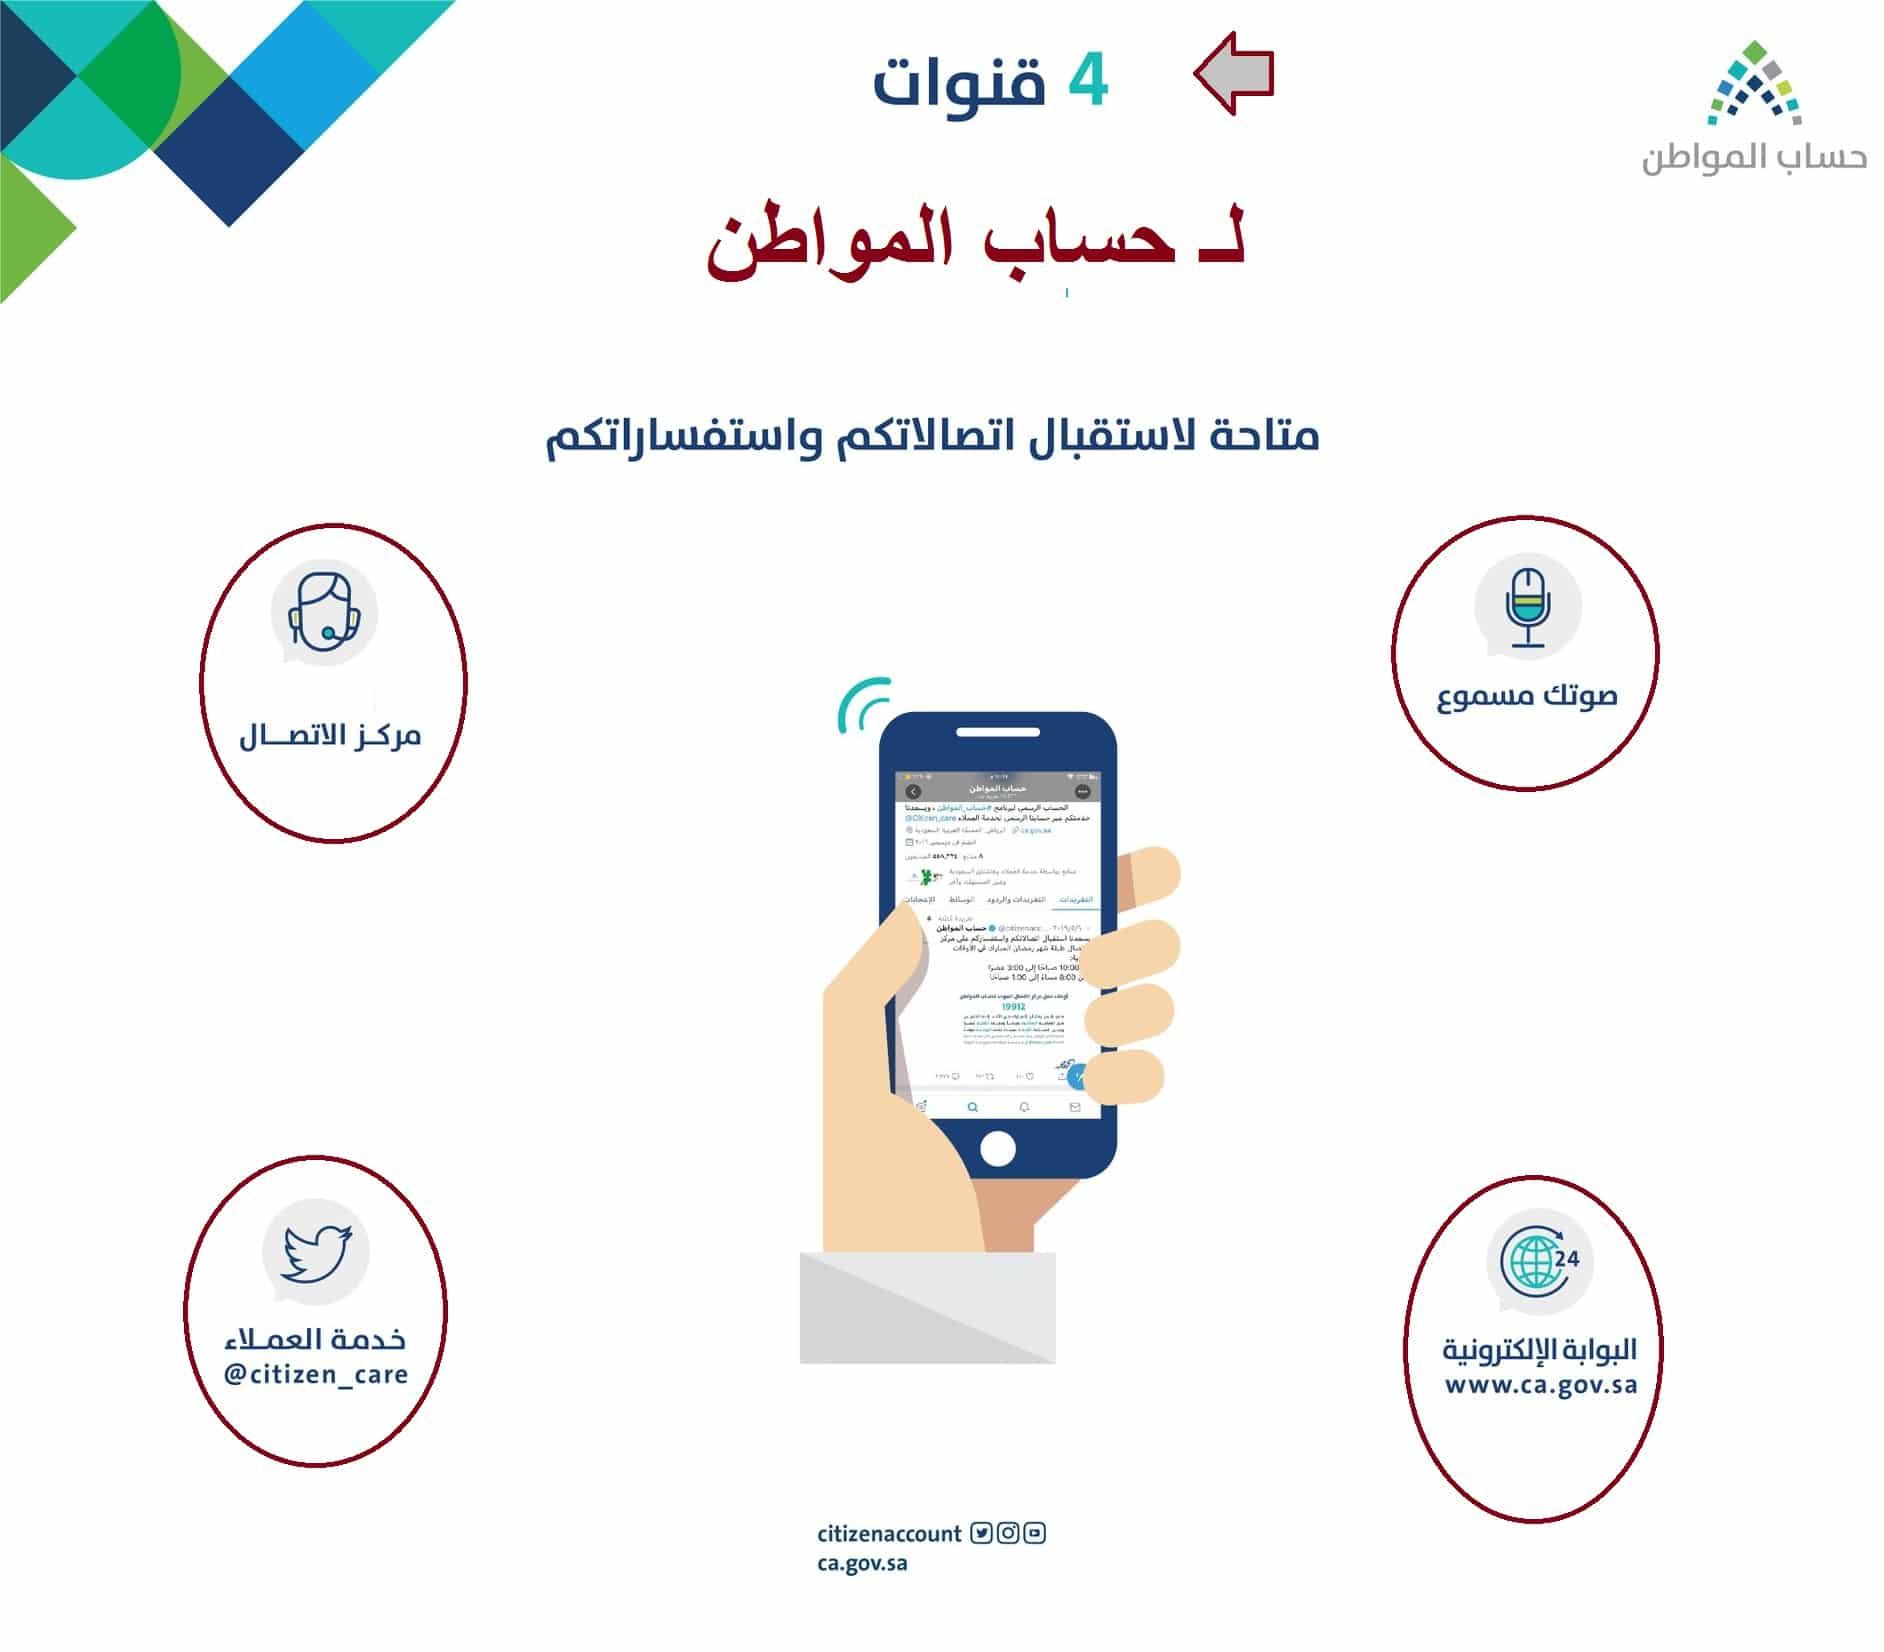 رقم حساب المواطن الموحد 1442 للتواصل مع خدمة العملاء وتقديم الشكاوى 1 10/1/2021 - 9:53 ص